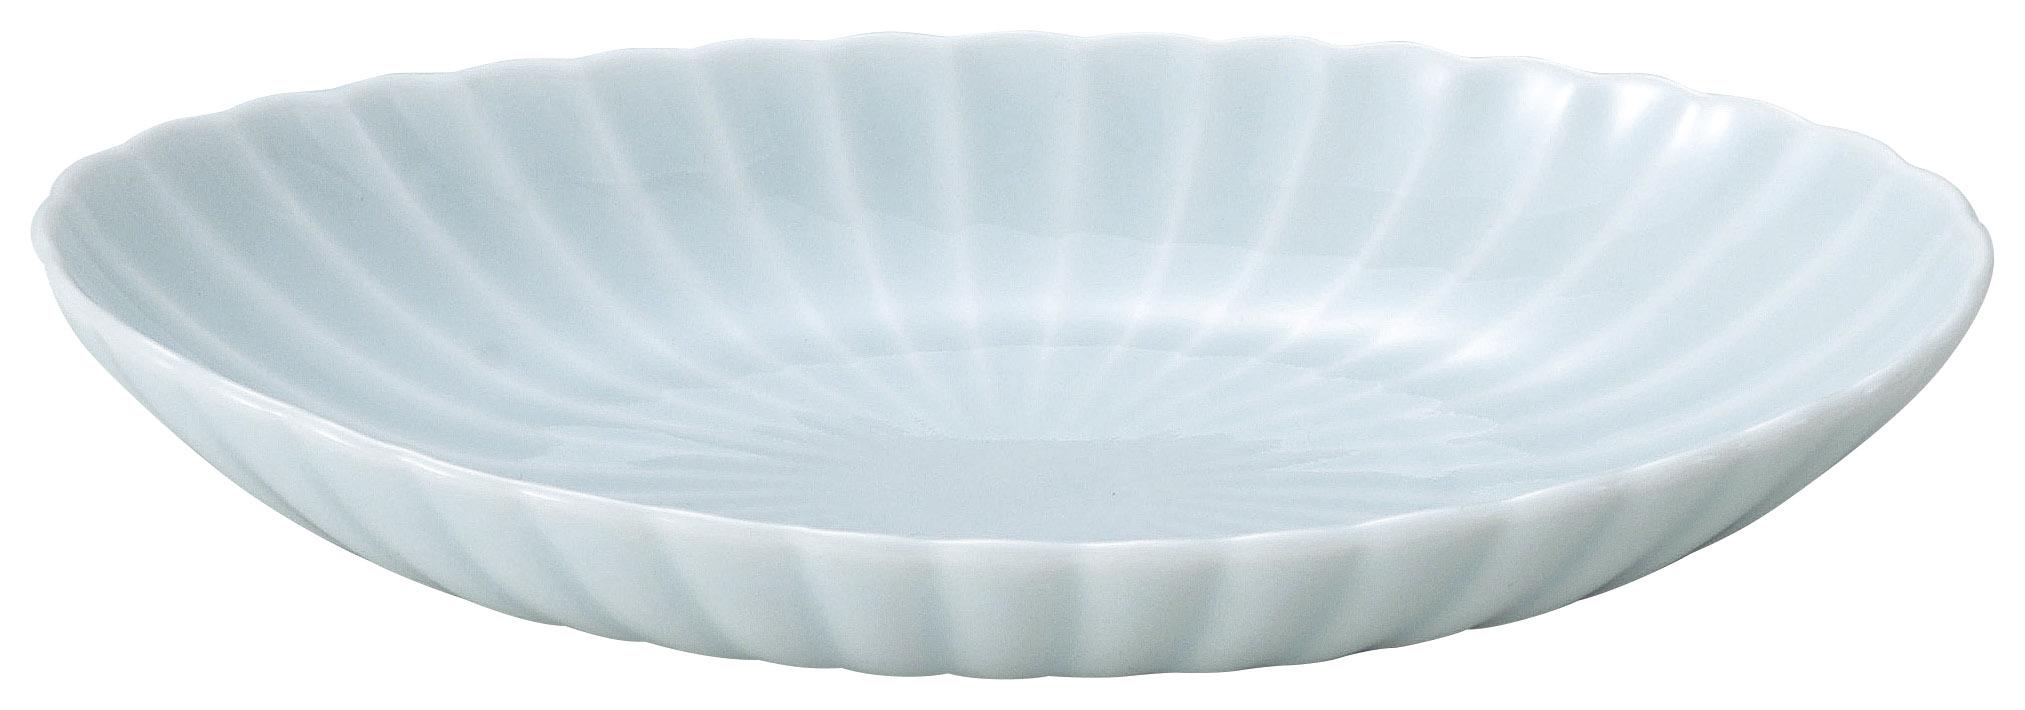 かすみ 青白 楕円皿 大